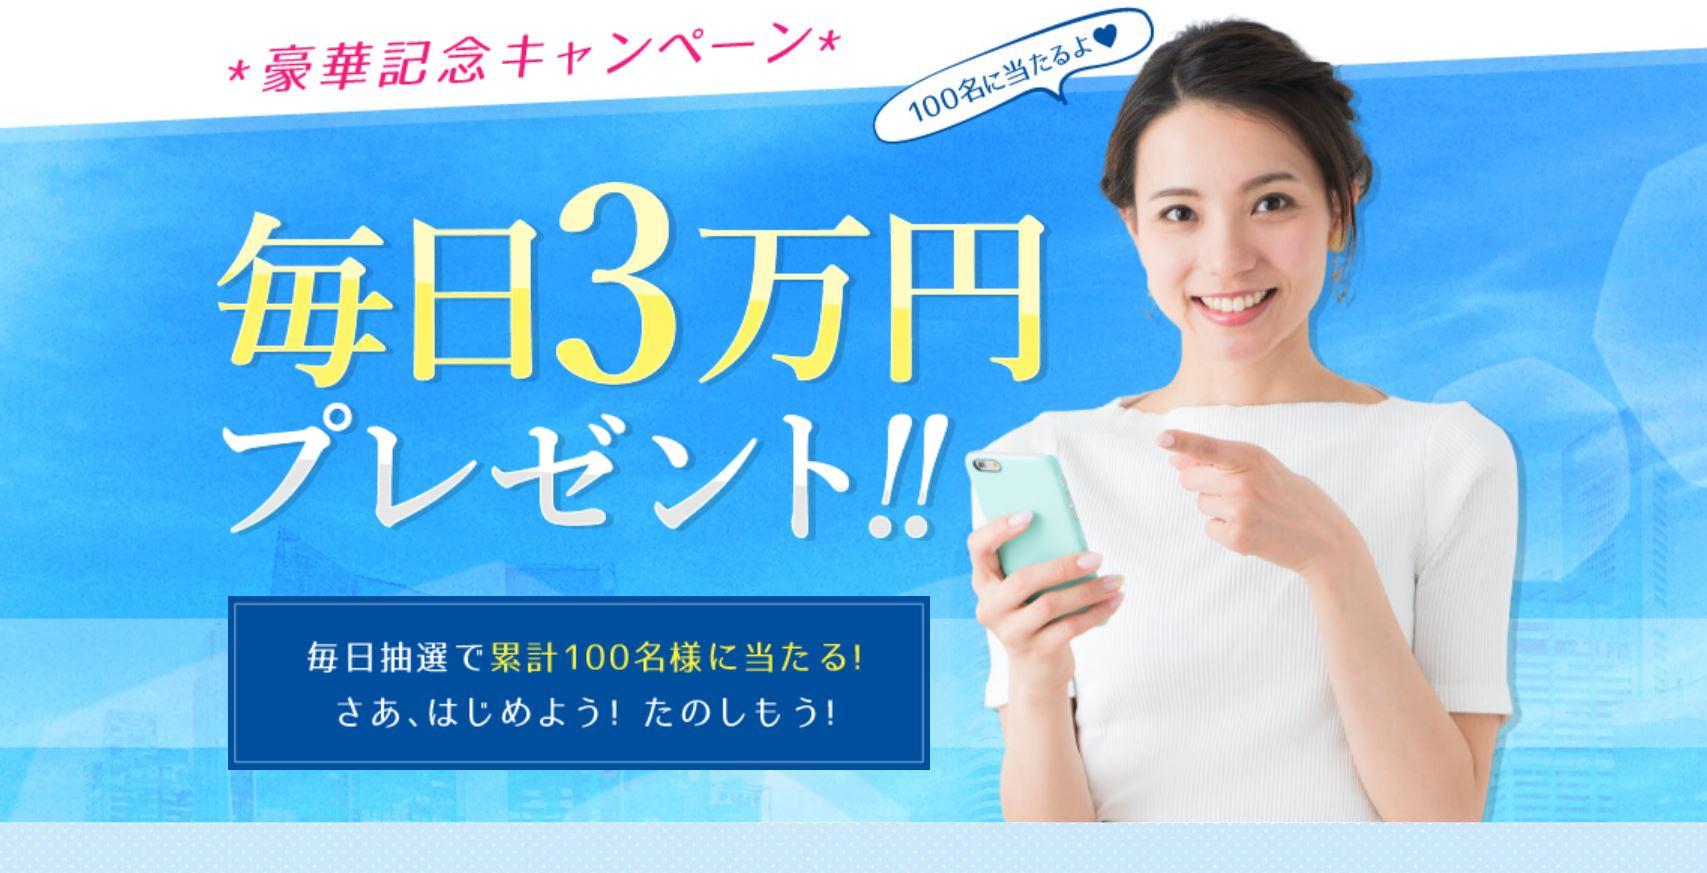 黒田真司 GENESIS(ジェネシス)で毎日3万円稼げない?副業口コミ調査